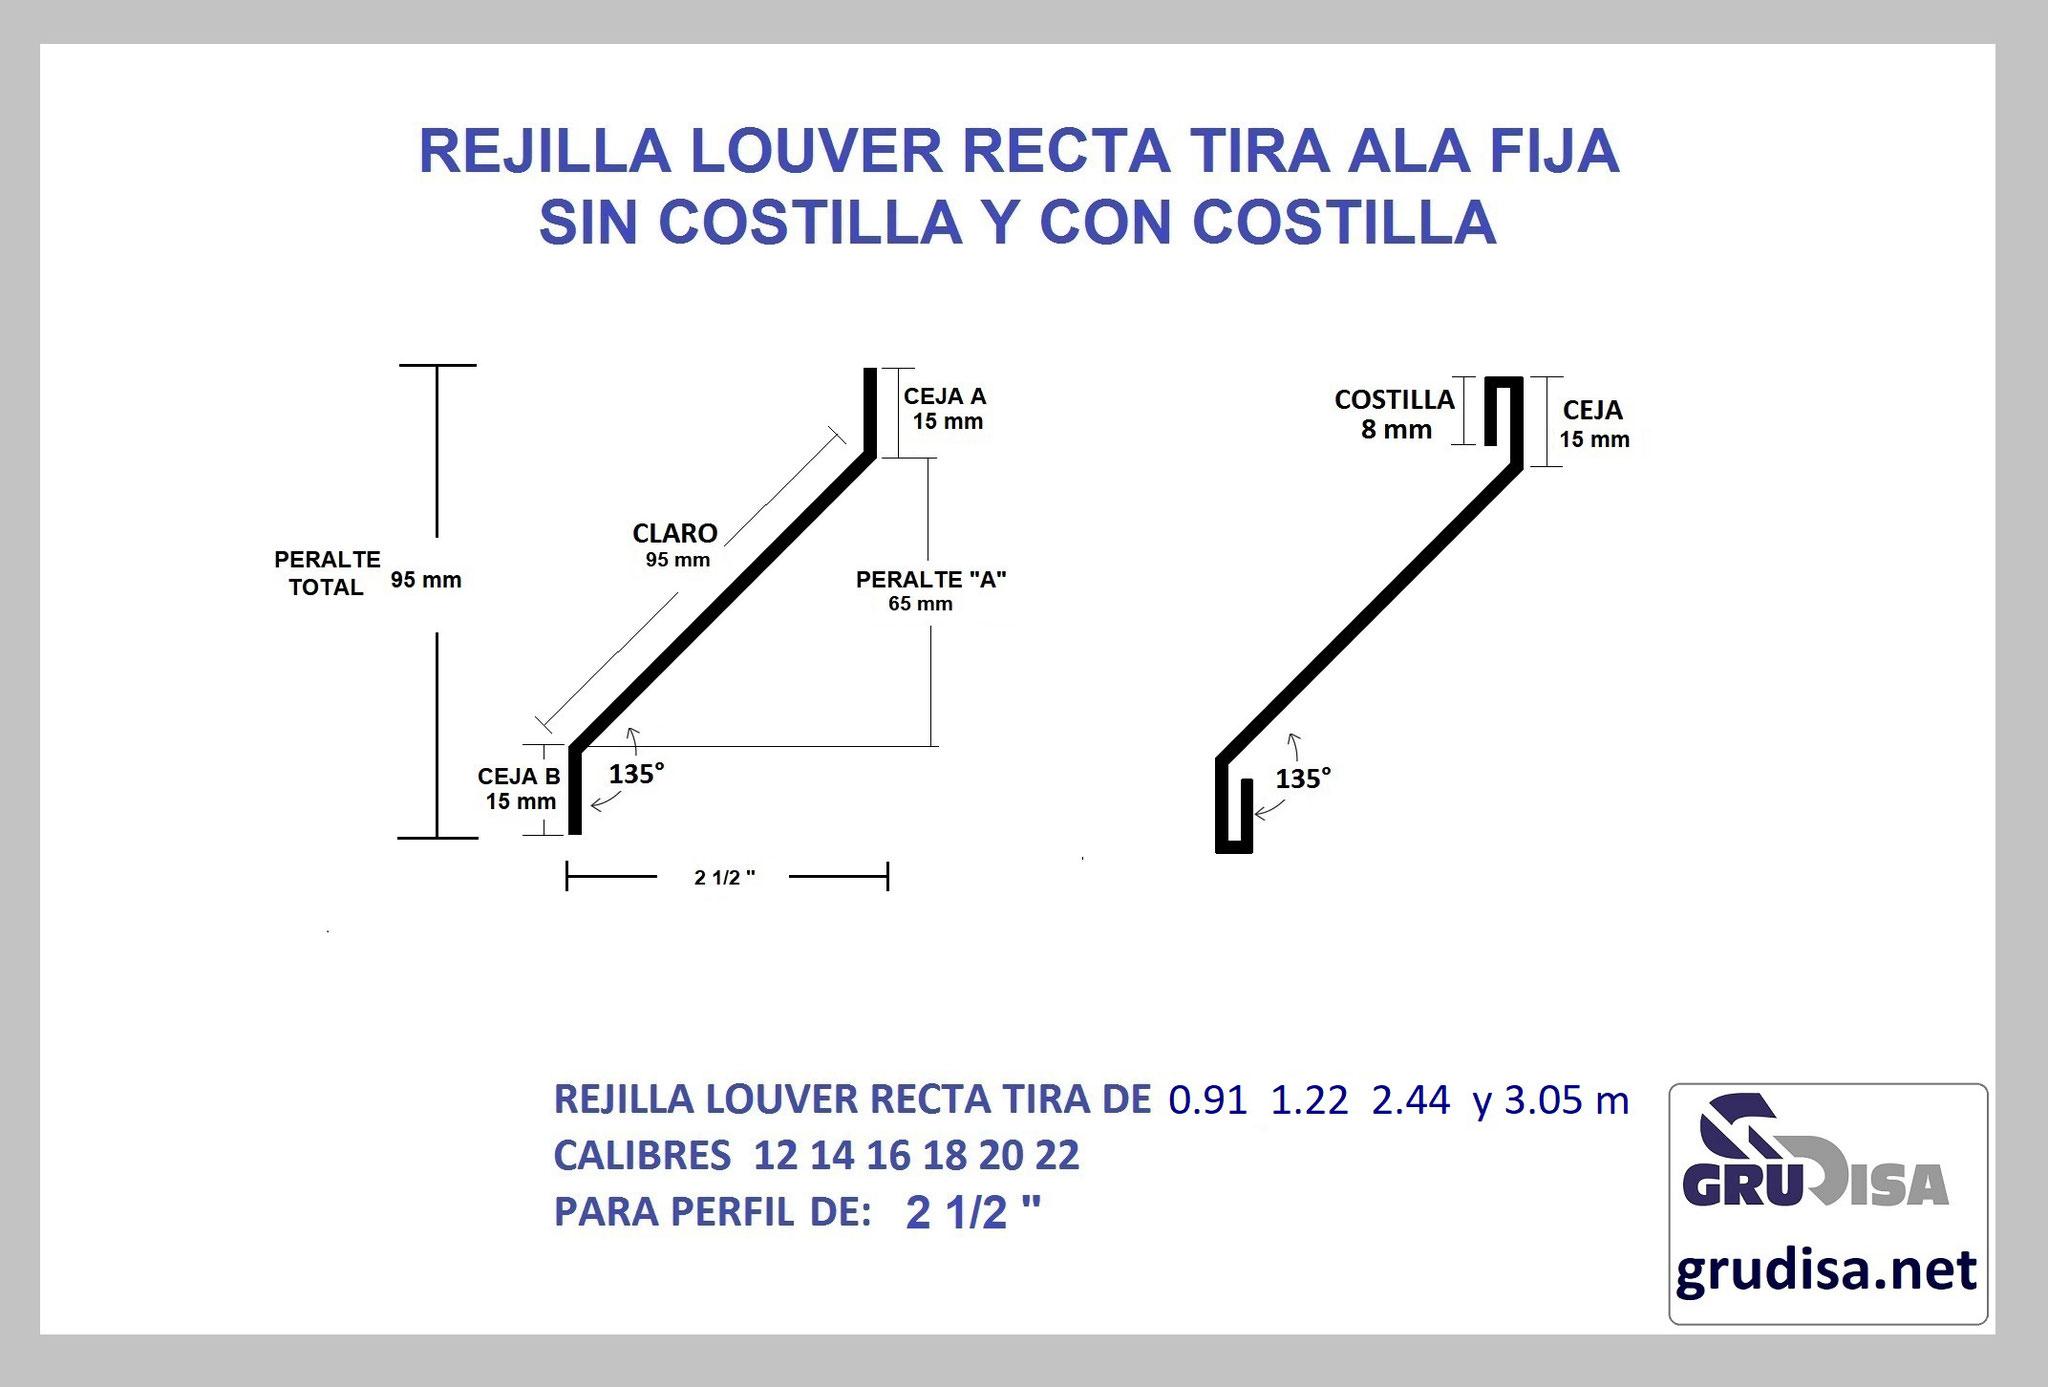 """REJILLA LOUVER (TIRA) RECTA PARA PERFIL DE 2 1/2"""" GruDisA"""